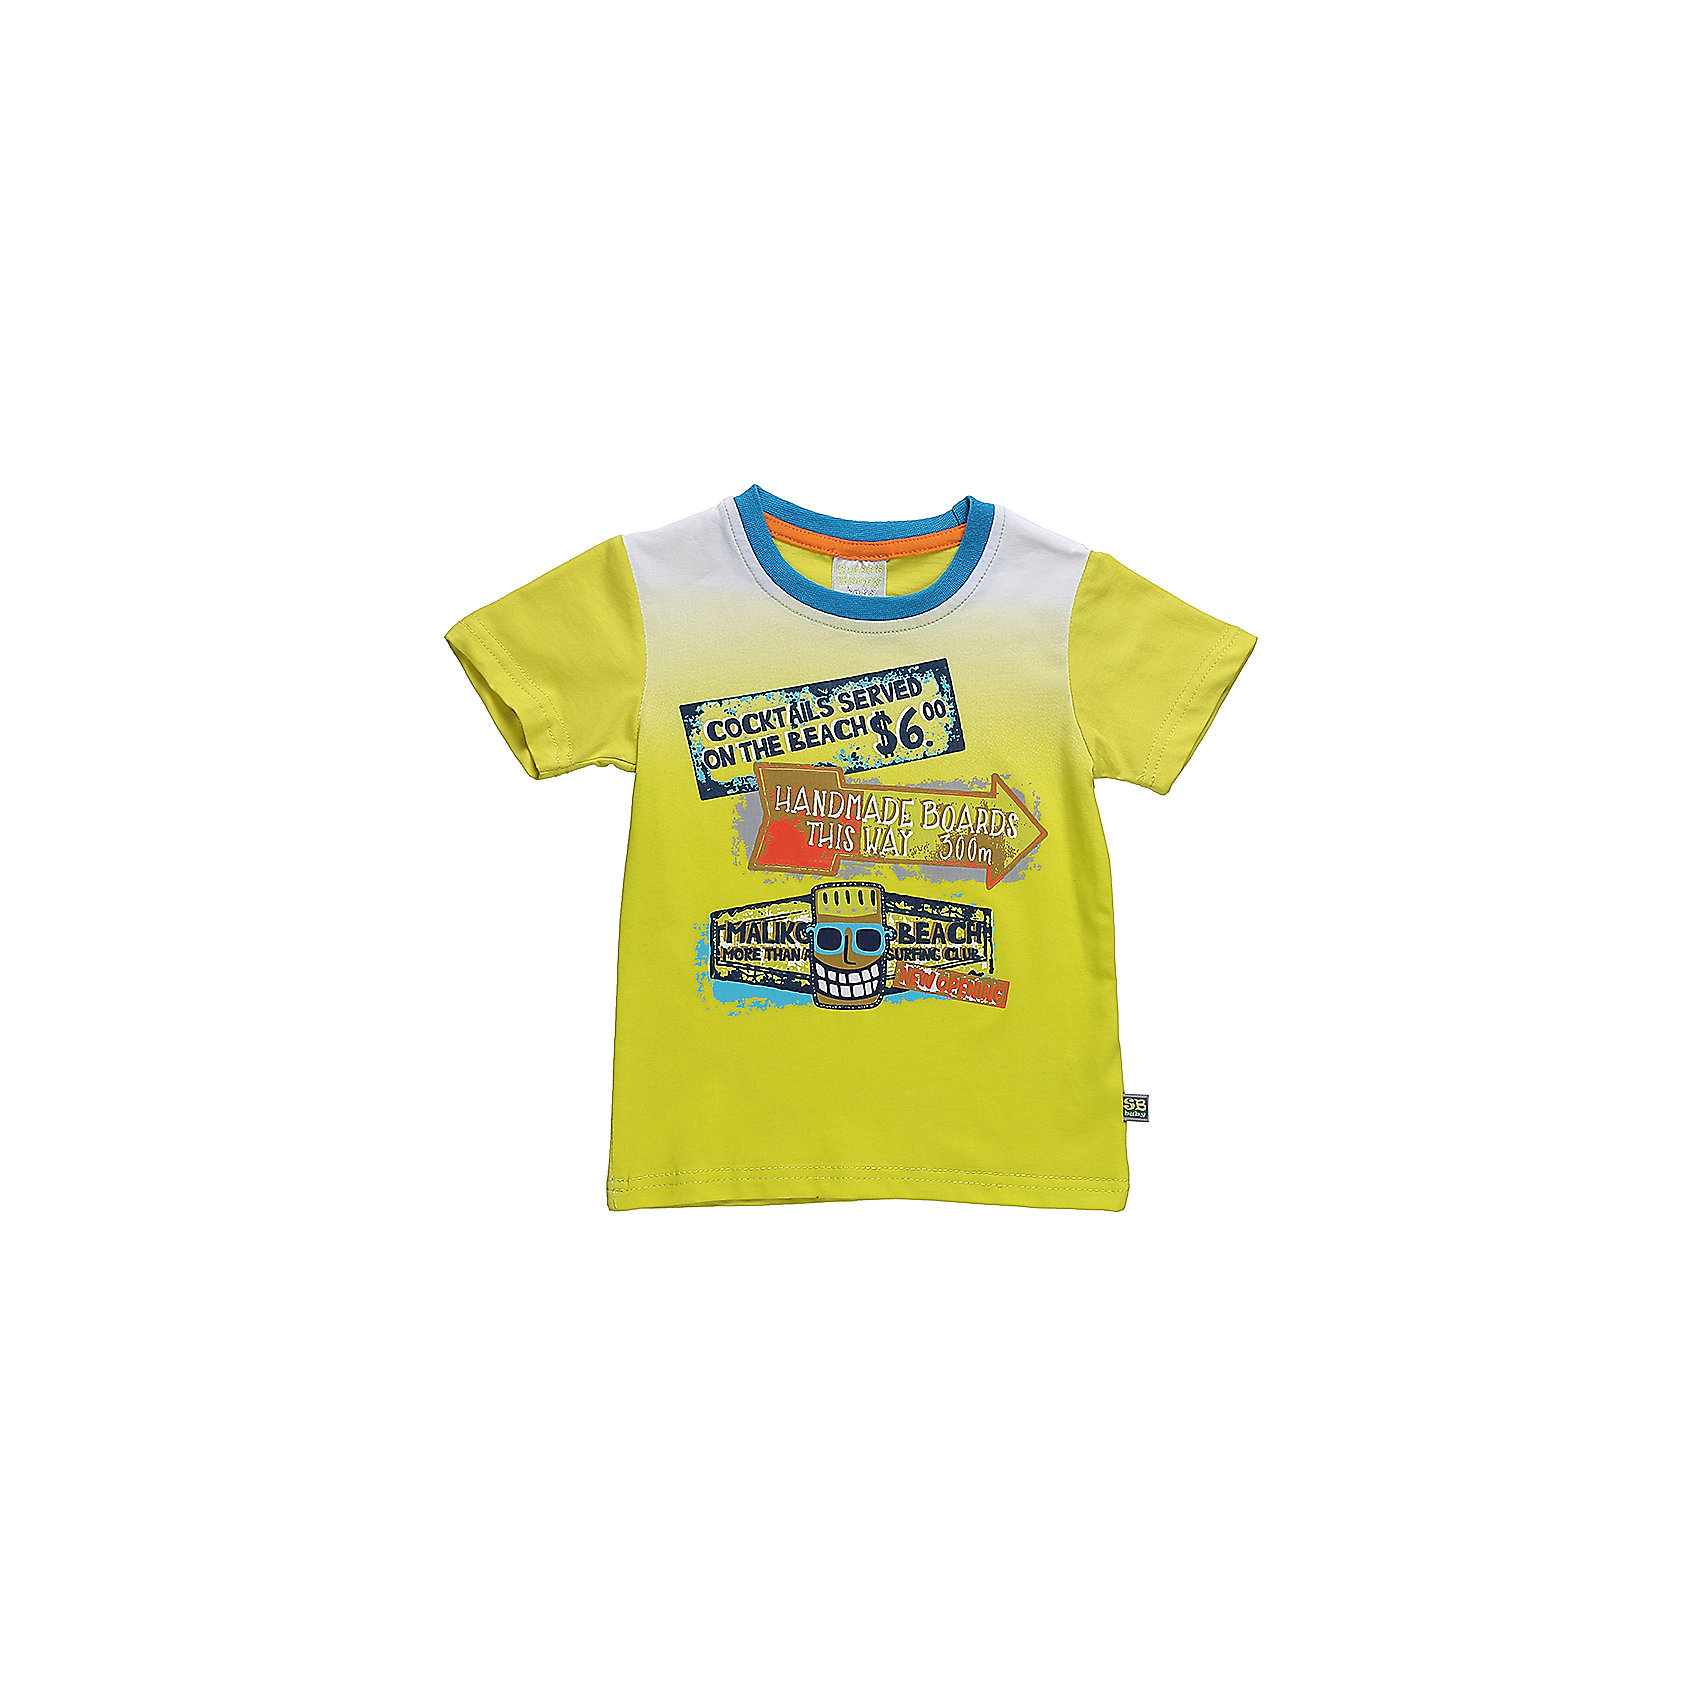 Футболка для мальчика Sweet BerryФутболки, топы<br>Стильная хлопковая футболка для мальчика с градиентом, декорирования ярким принтом. Горловина выполнена из контрастного голубого канта.<br>Состав:<br>95%хлопок 5%эластан<br><br>Ширина мм: 199<br>Глубина мм: 10<br>Высота мм: 161<br>Вес г: 151<br>Цвет: зеленый<br>Возраст от месяцев: 12<br>Возраст до месяцев: 18<br>Пол: Мужской<br>Возраст: Детский<br>Размер: 86,92,98,80<br>SKU: 5411467